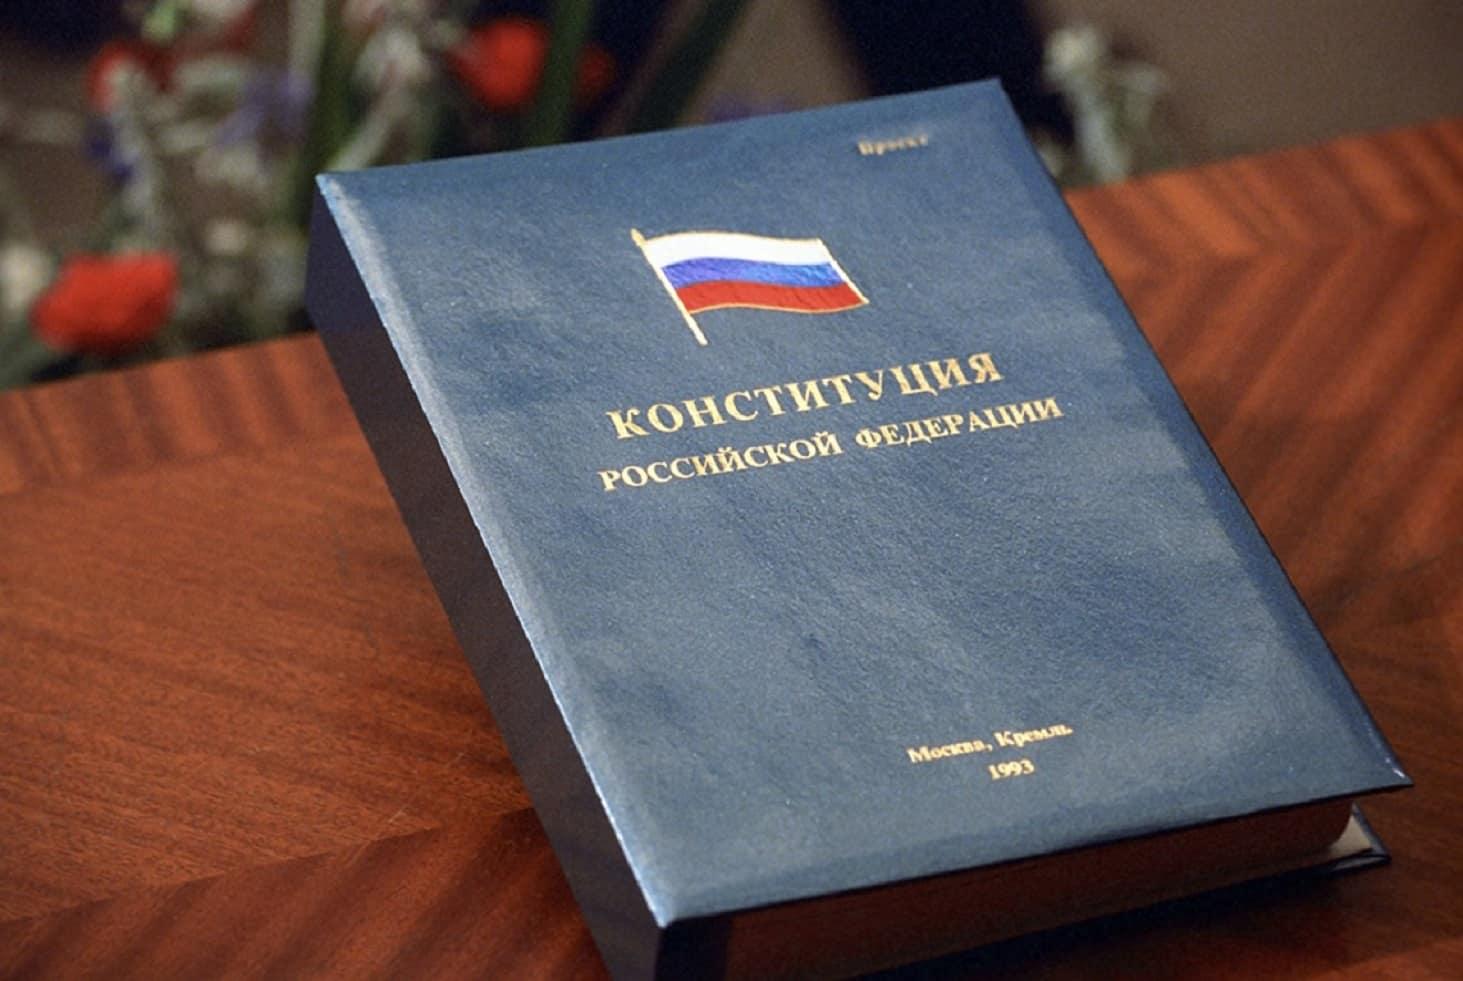 fipi-v-ege-ne-budet-voprosov-po-poslednim-izmeneniyam-v-konstitutsii